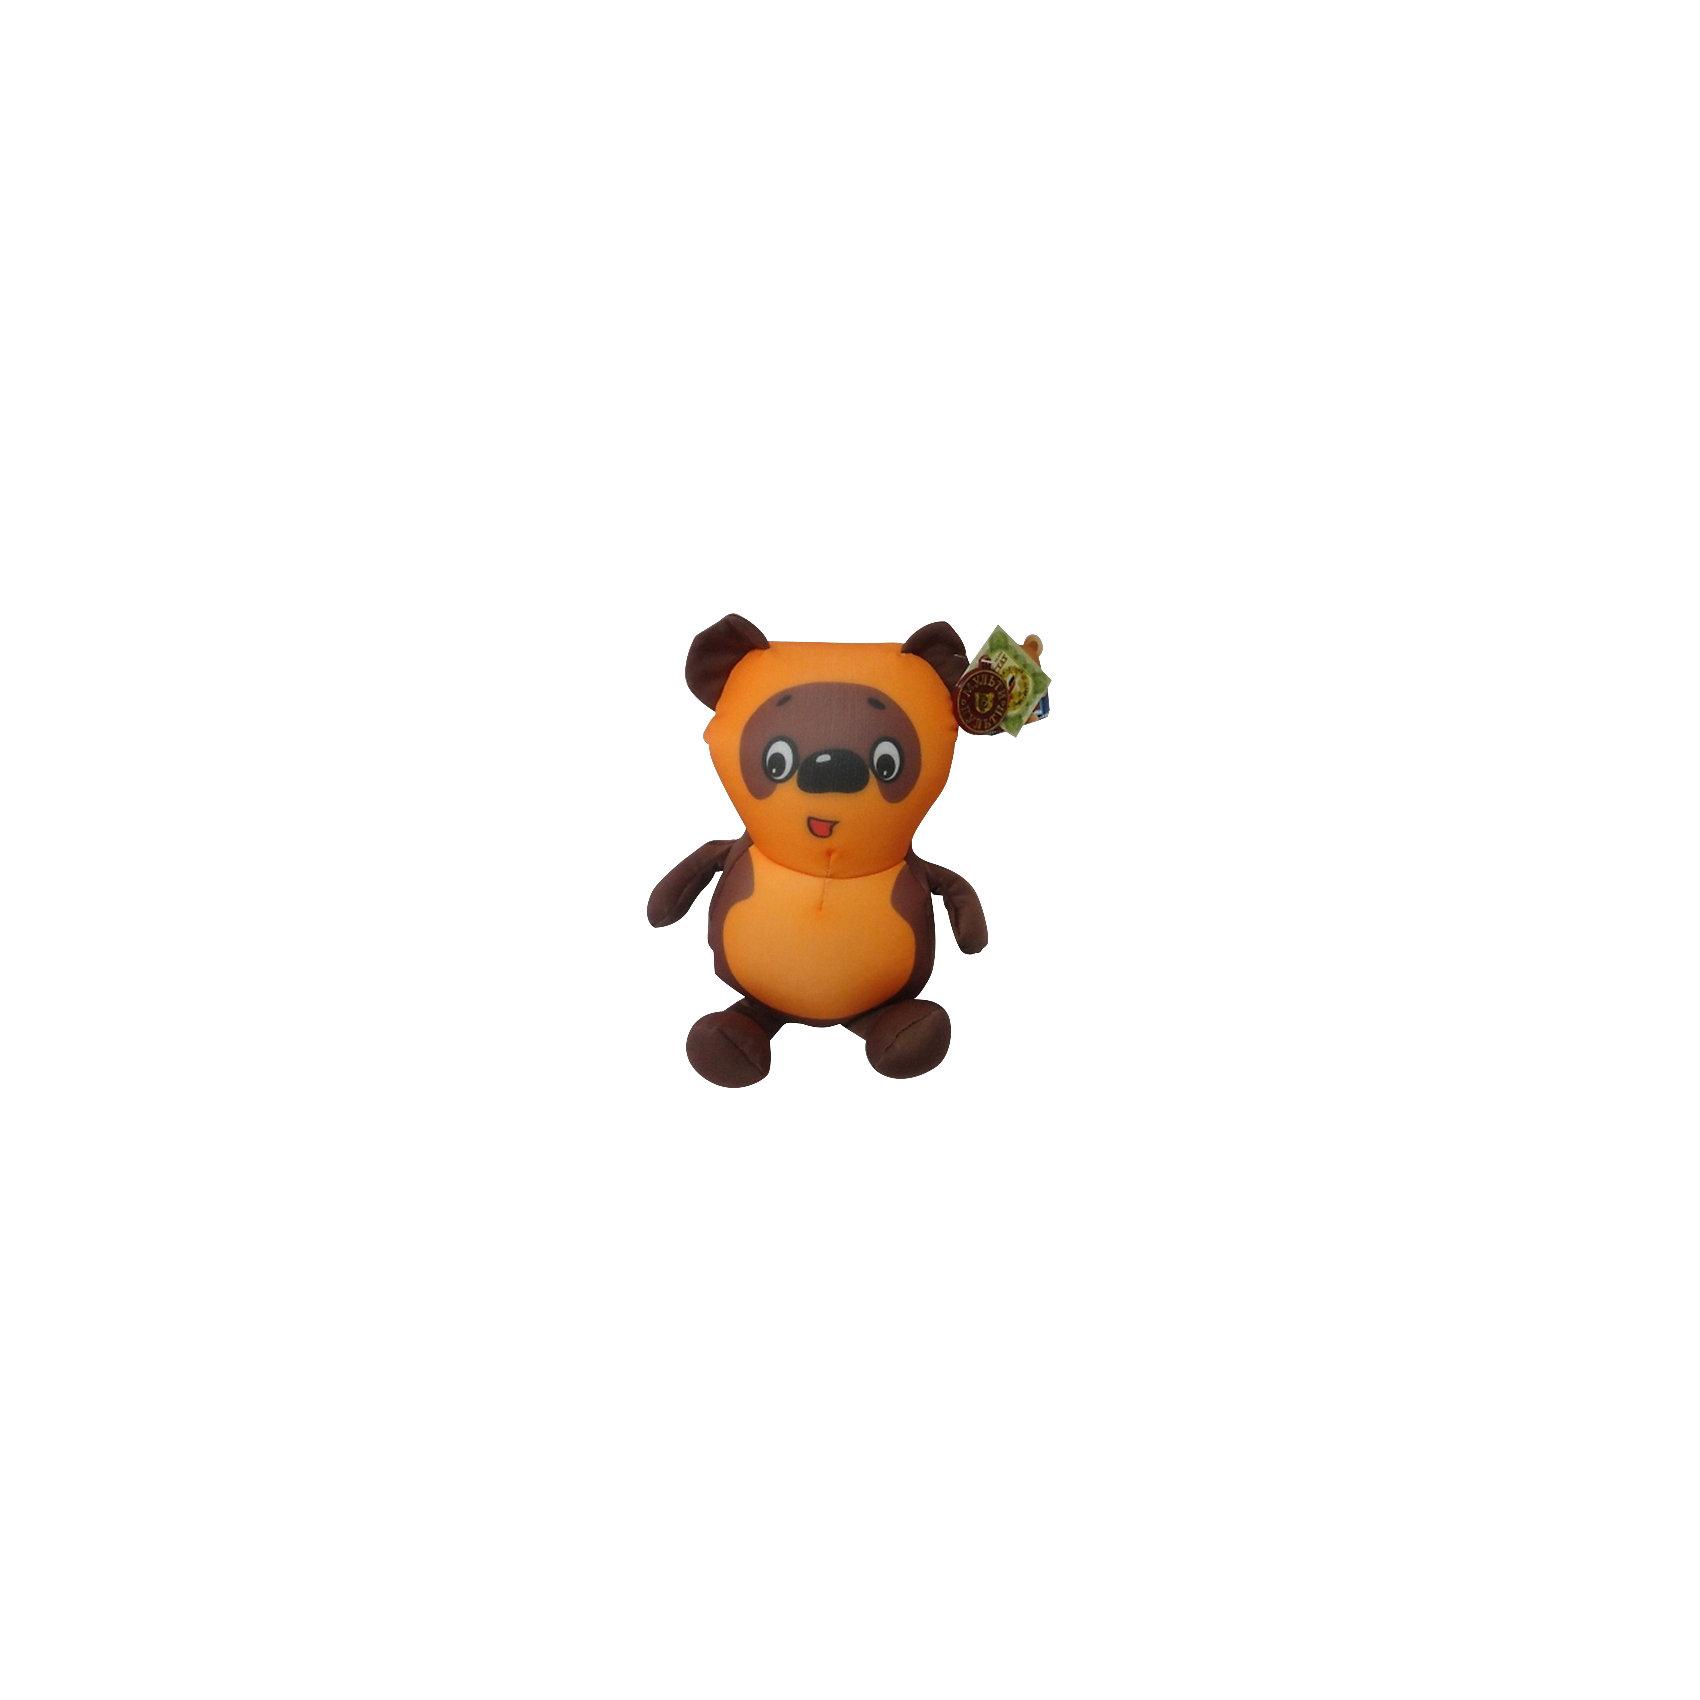 МУЛЬТИ-ПУЛЬТИ Мягкая игрушка-антистресс Винни-Пух, МУЛЬТИ-ПУЛЬТИ мульти пульти мягкая игрушка серый мышонок 23 см со звуком кот леопольд мульти пульти